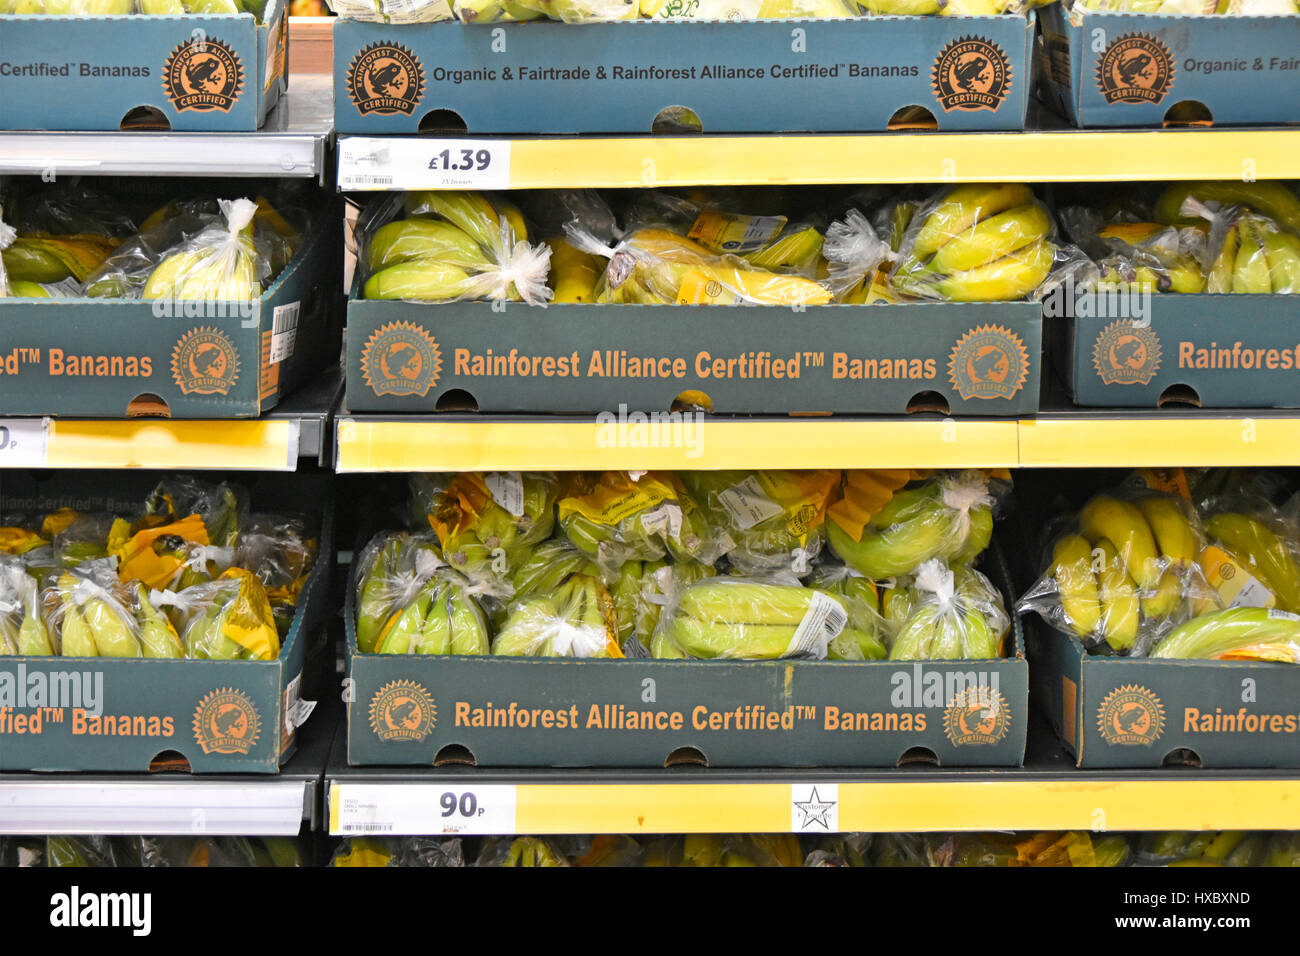 Organic & Fair Trade & Rainforest Alliance Certified le banane e il logo in sacchetti di plastica in scatole Immagini Stock